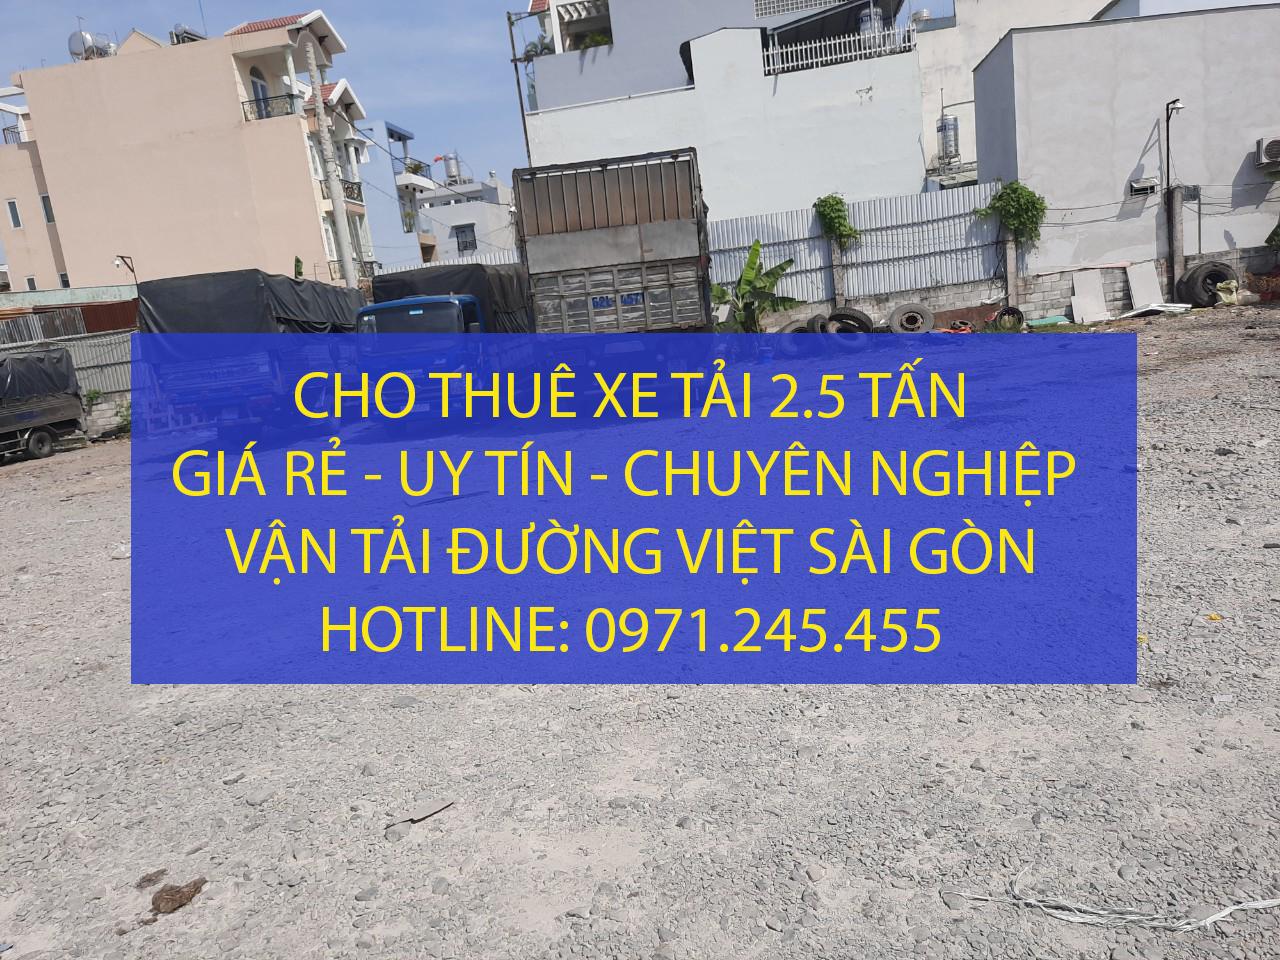 Cho thuê xe tải chở hàng 2.5 tấn giá rẻ tại TPHCM – Vận tải Đường Việt Sài Gòn